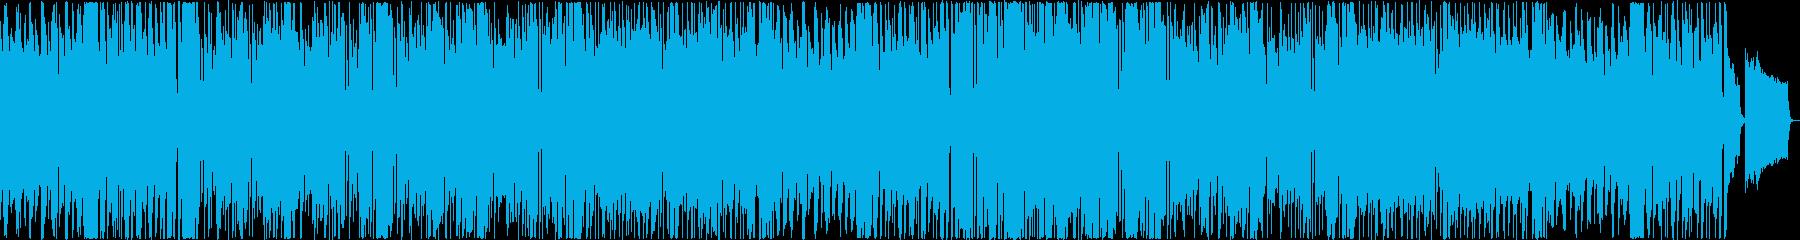 ピアノとナイロンギターが優しいインストの再生済みの波形